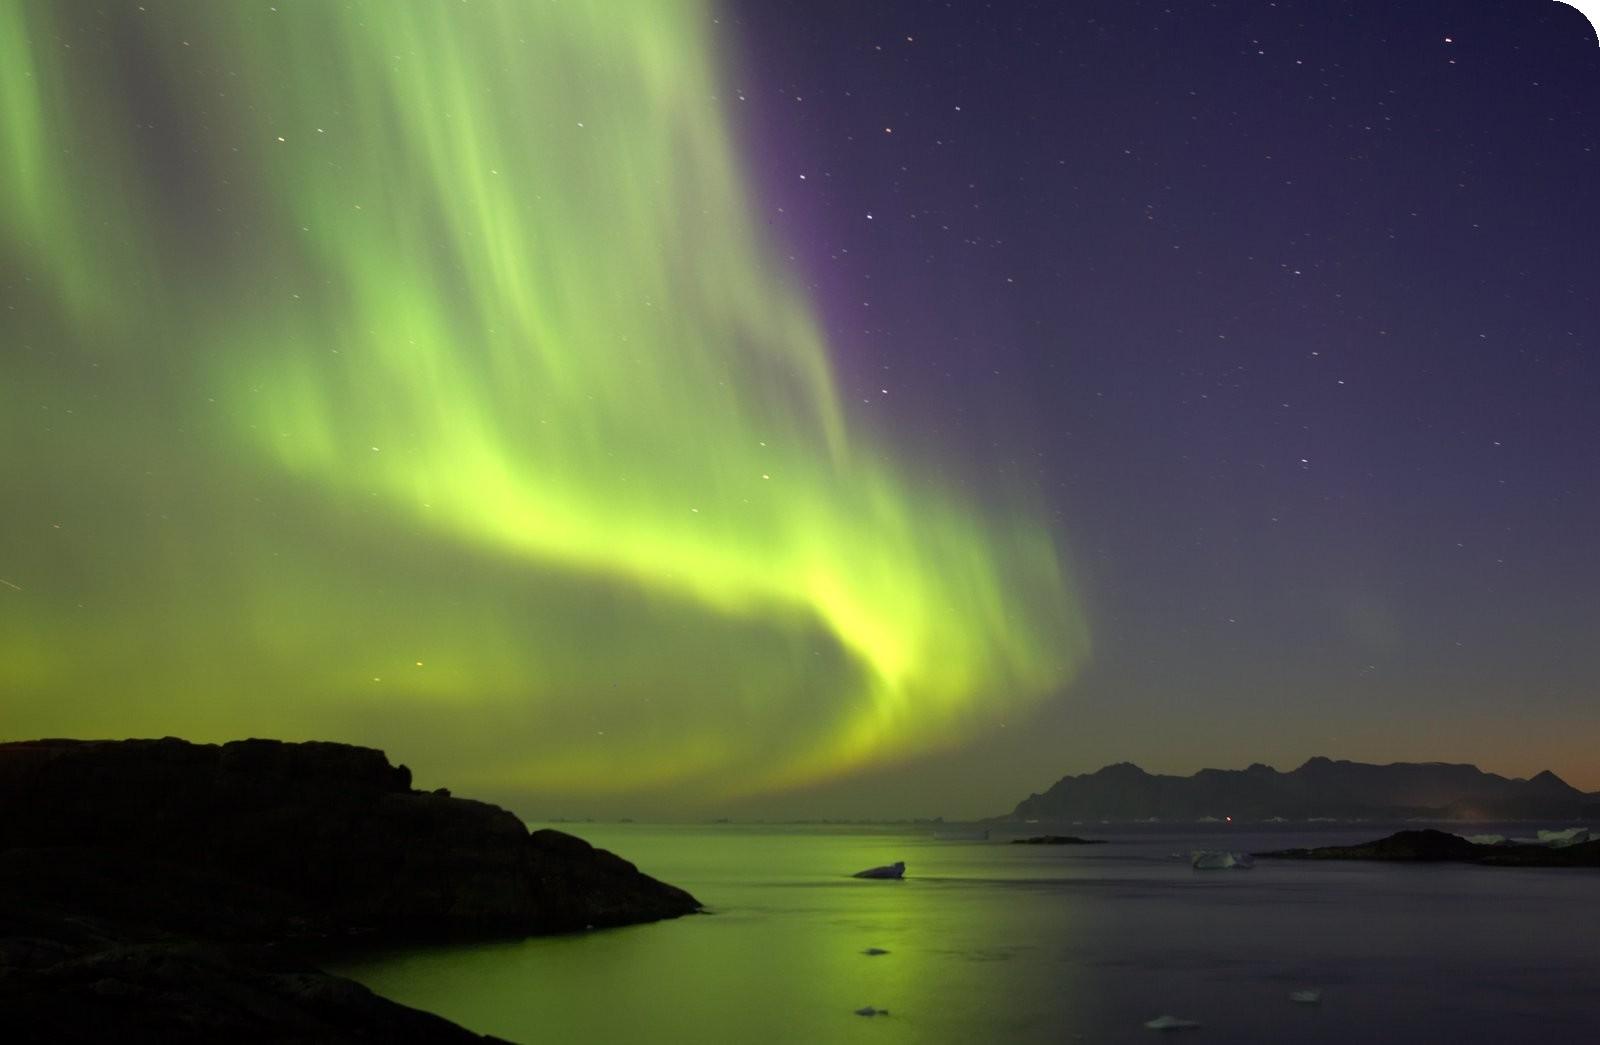 http://3.bp.blogspot.com/-PQRqjcZVS-E/TmZtLKpBgtI/AAAAAAAAAFk/SsWoU8m9qn8/s1600/aurora-boreal.jpeg